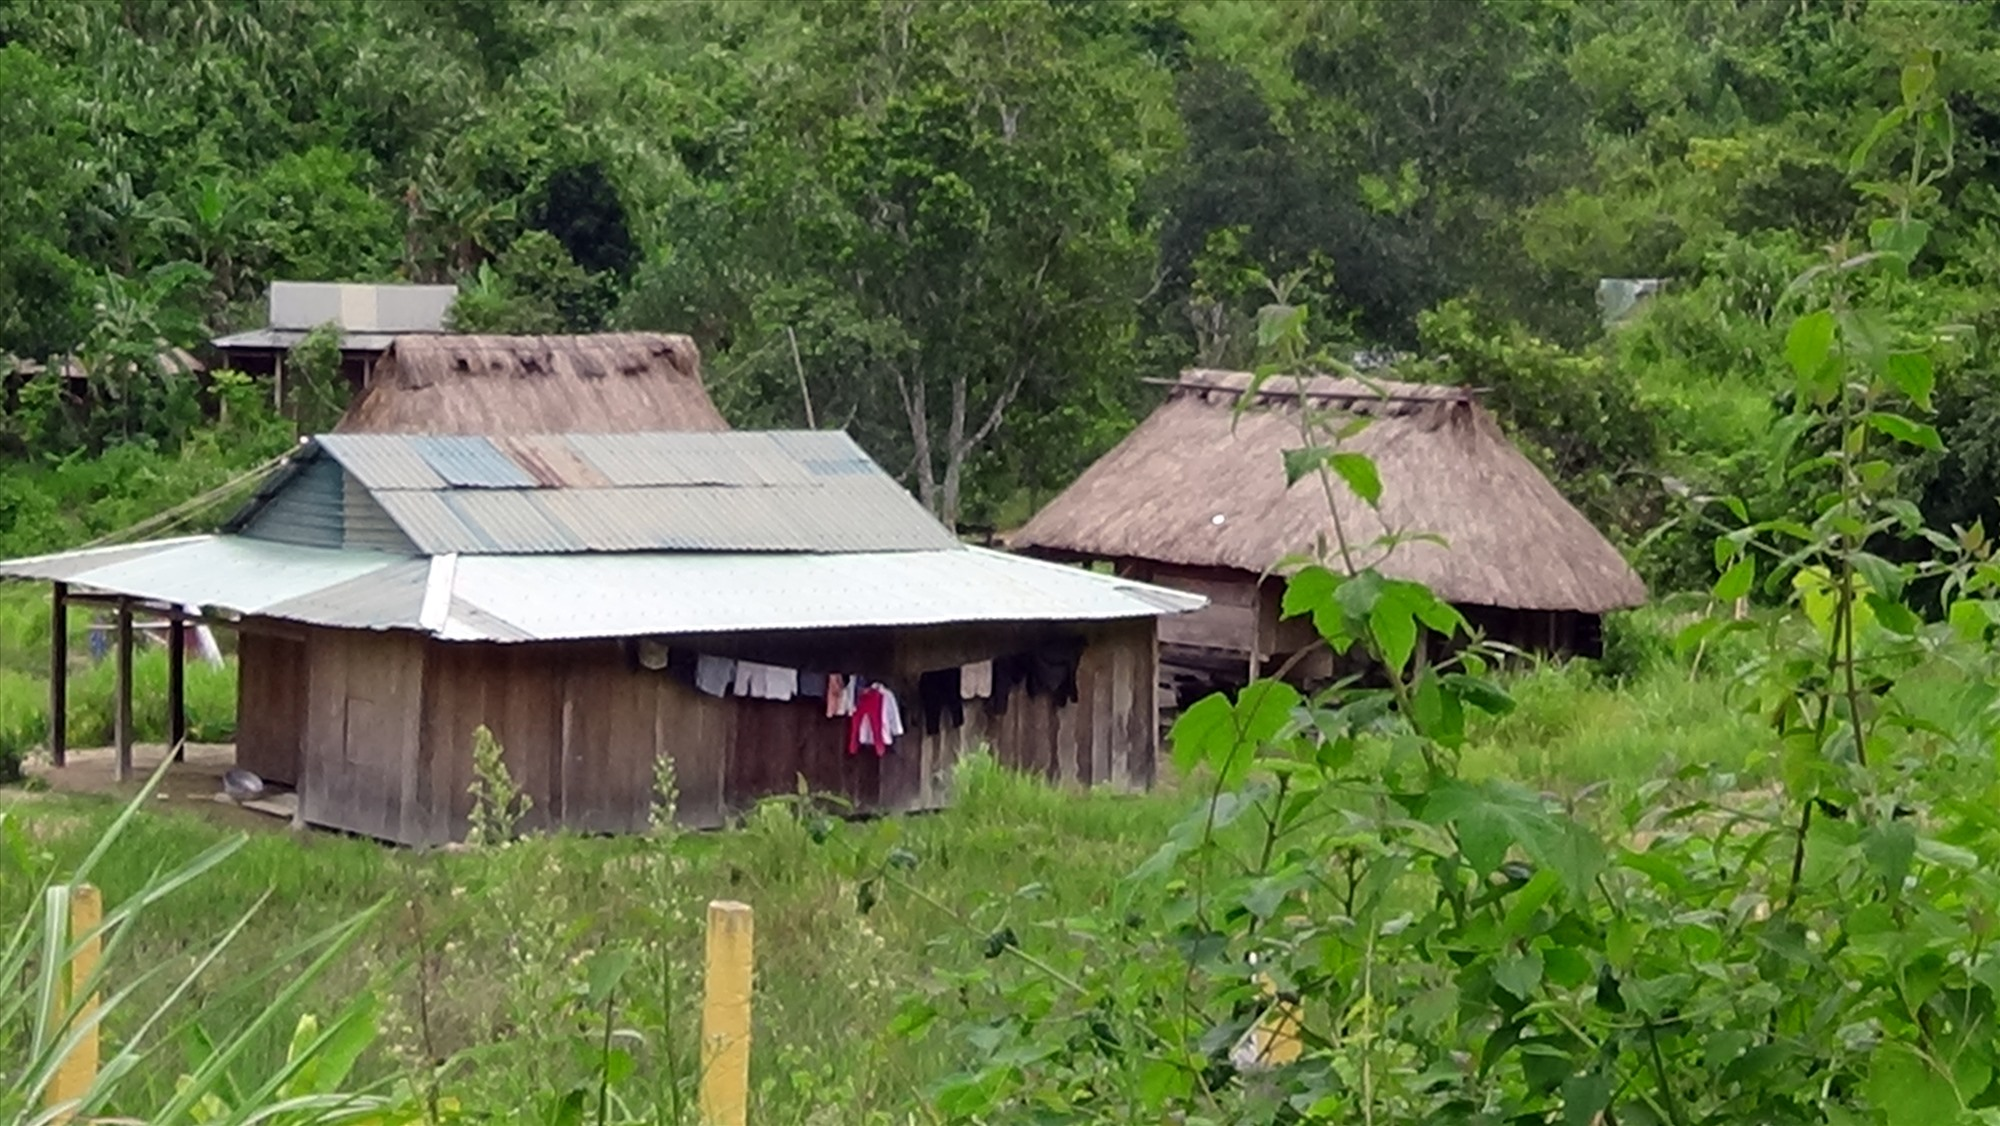 Những ngôi nhà trệt, vách ván mái tole như ở xã La Êê đang dần thay thế những ngôi nhà sàn quen thuộc ở vùng cao Quảng Nam.